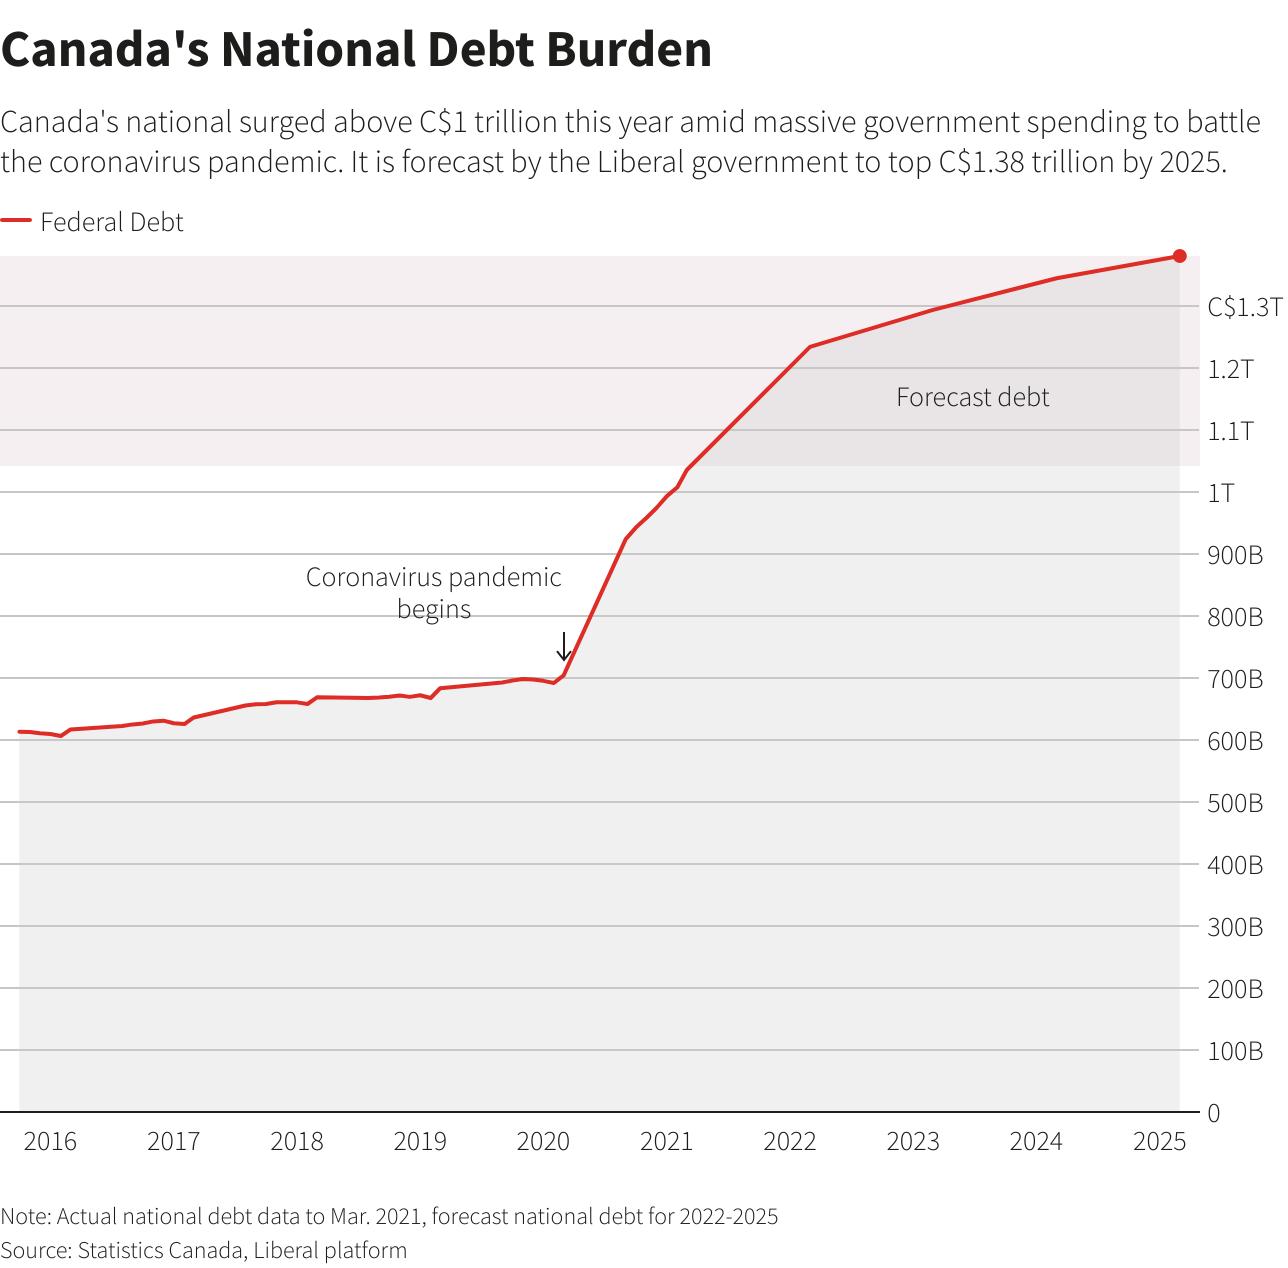 Canada's National Debt Burden